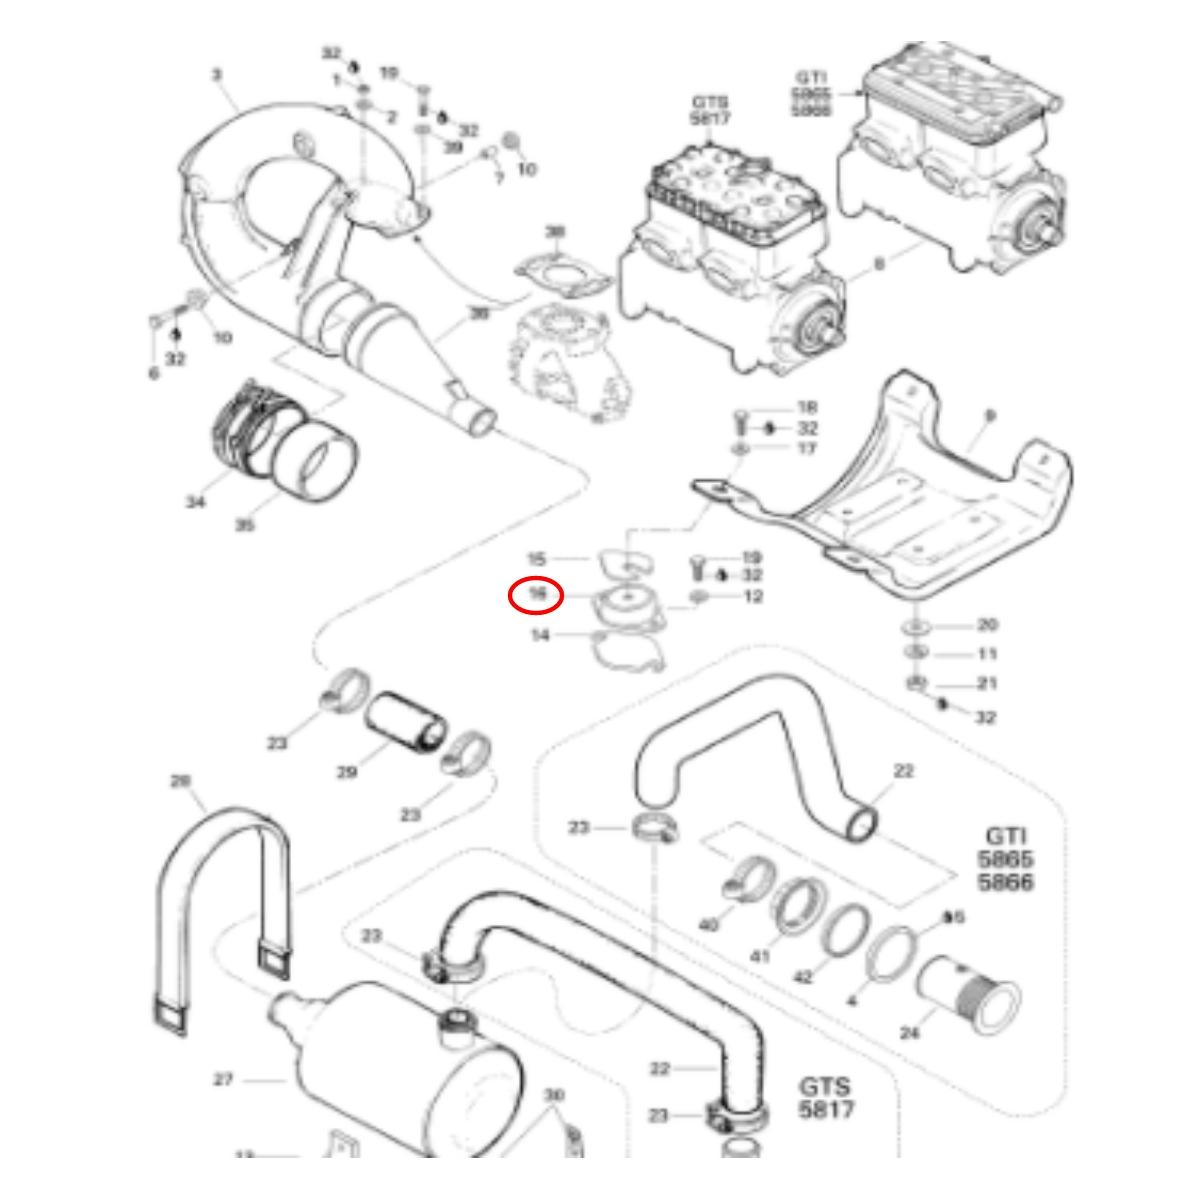 Coxim do Motor para Jet ski Sea Doo 580cc/650cc/720cc  - Radical Peças - Peças para Jet Ski